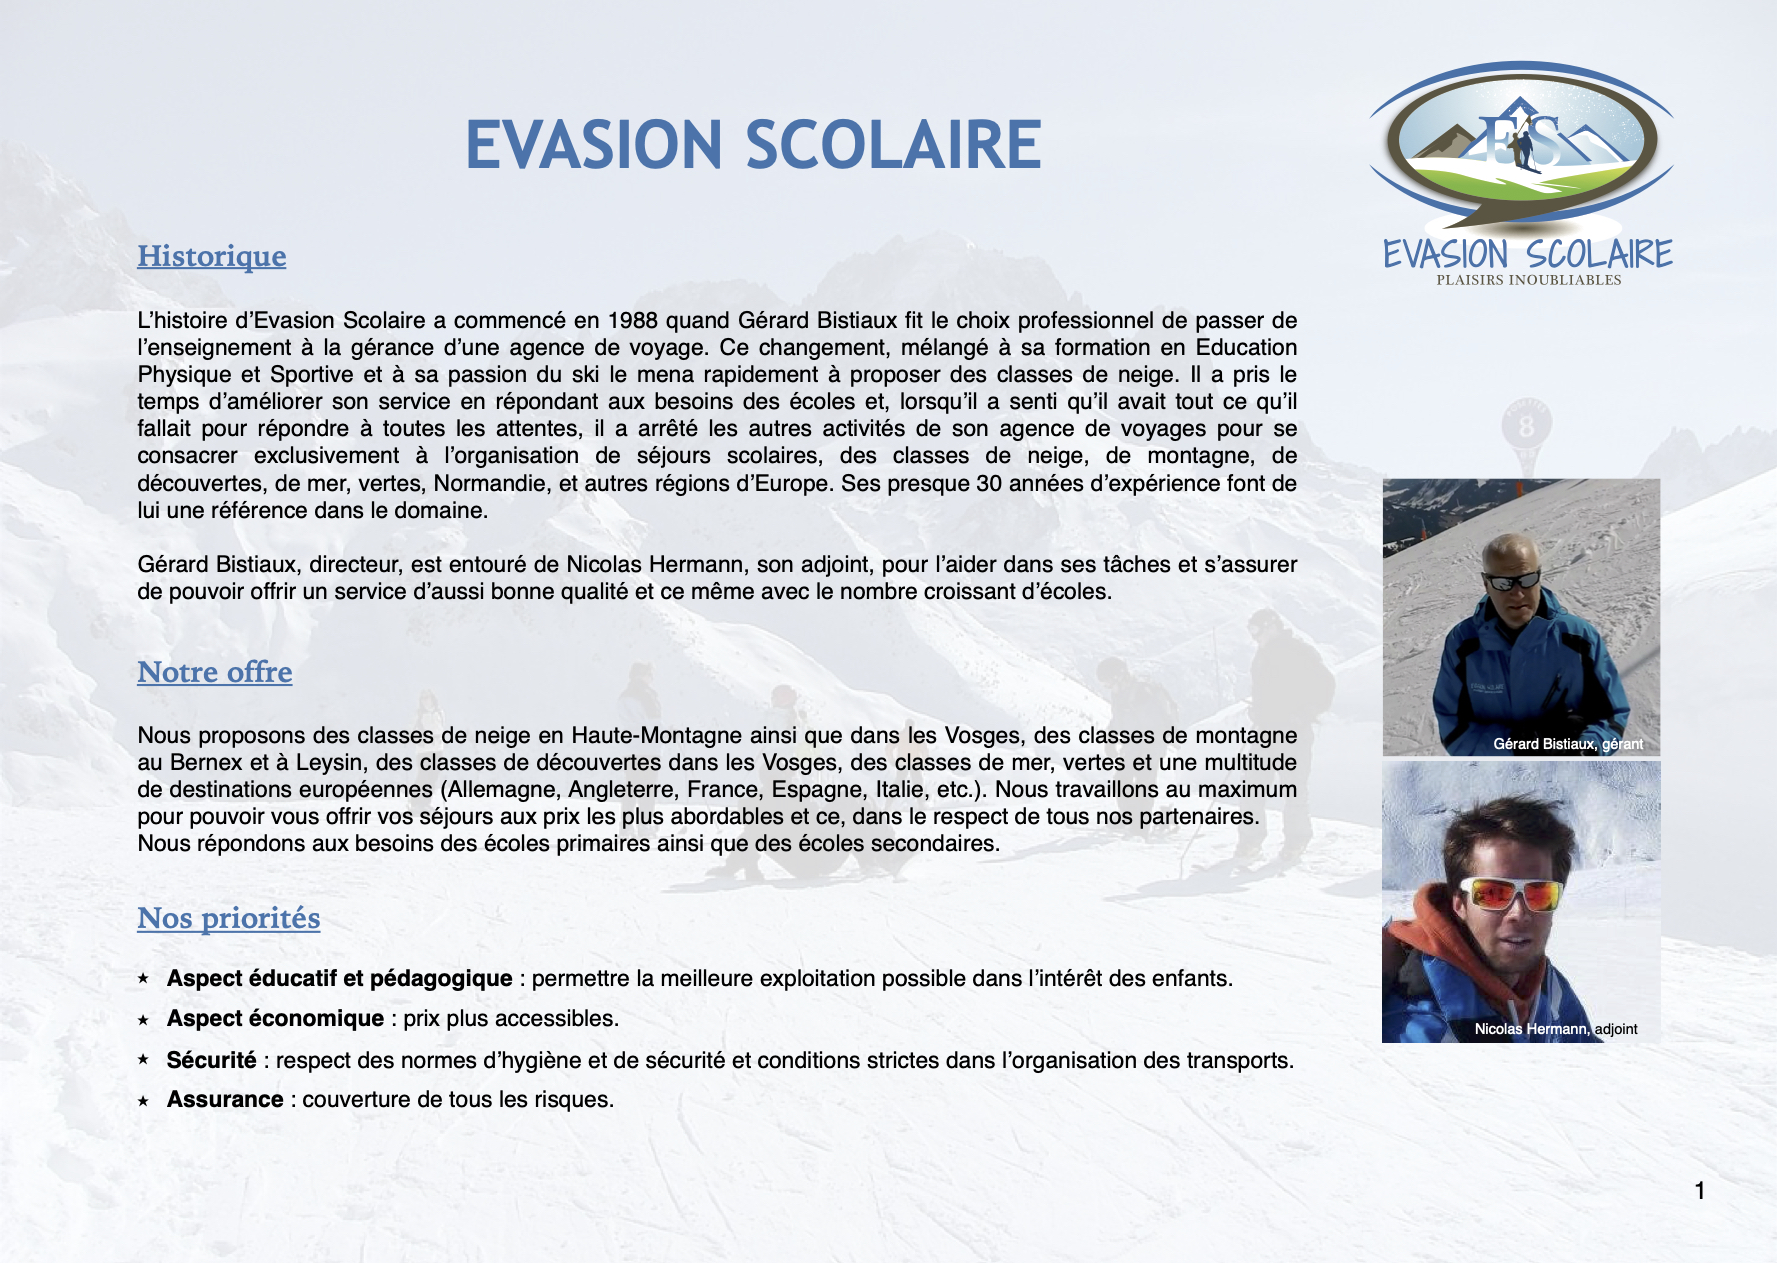 Evasion Scolaire 2